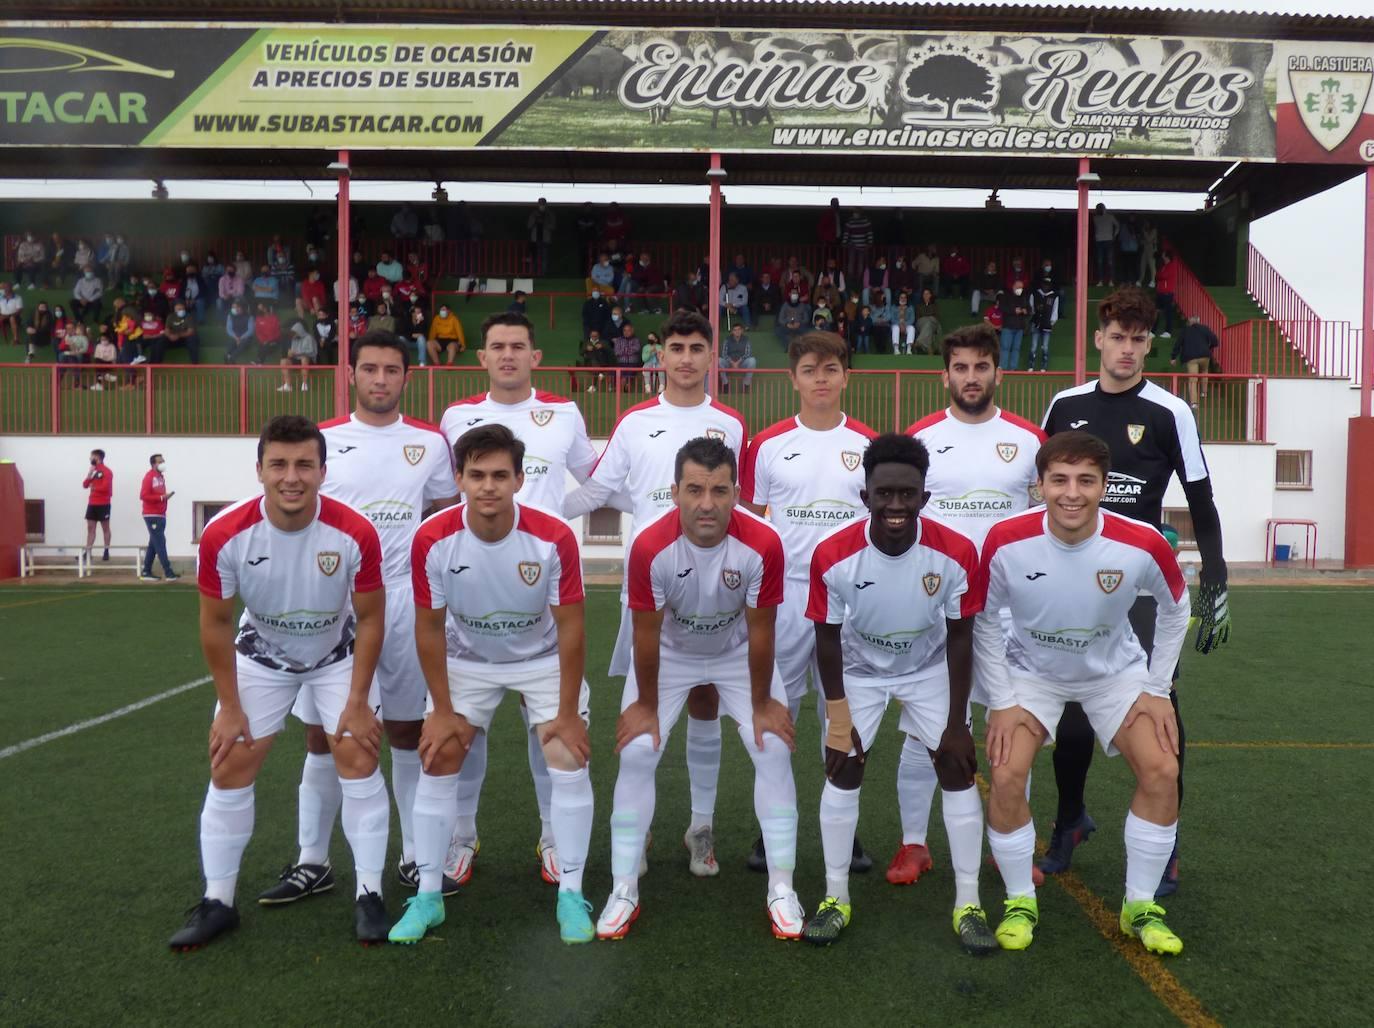 Los equipos del CD Castuera-Subastacar jugarán 9 partidos este fin de semana, 5 de ellos en el Manuel Ruiz